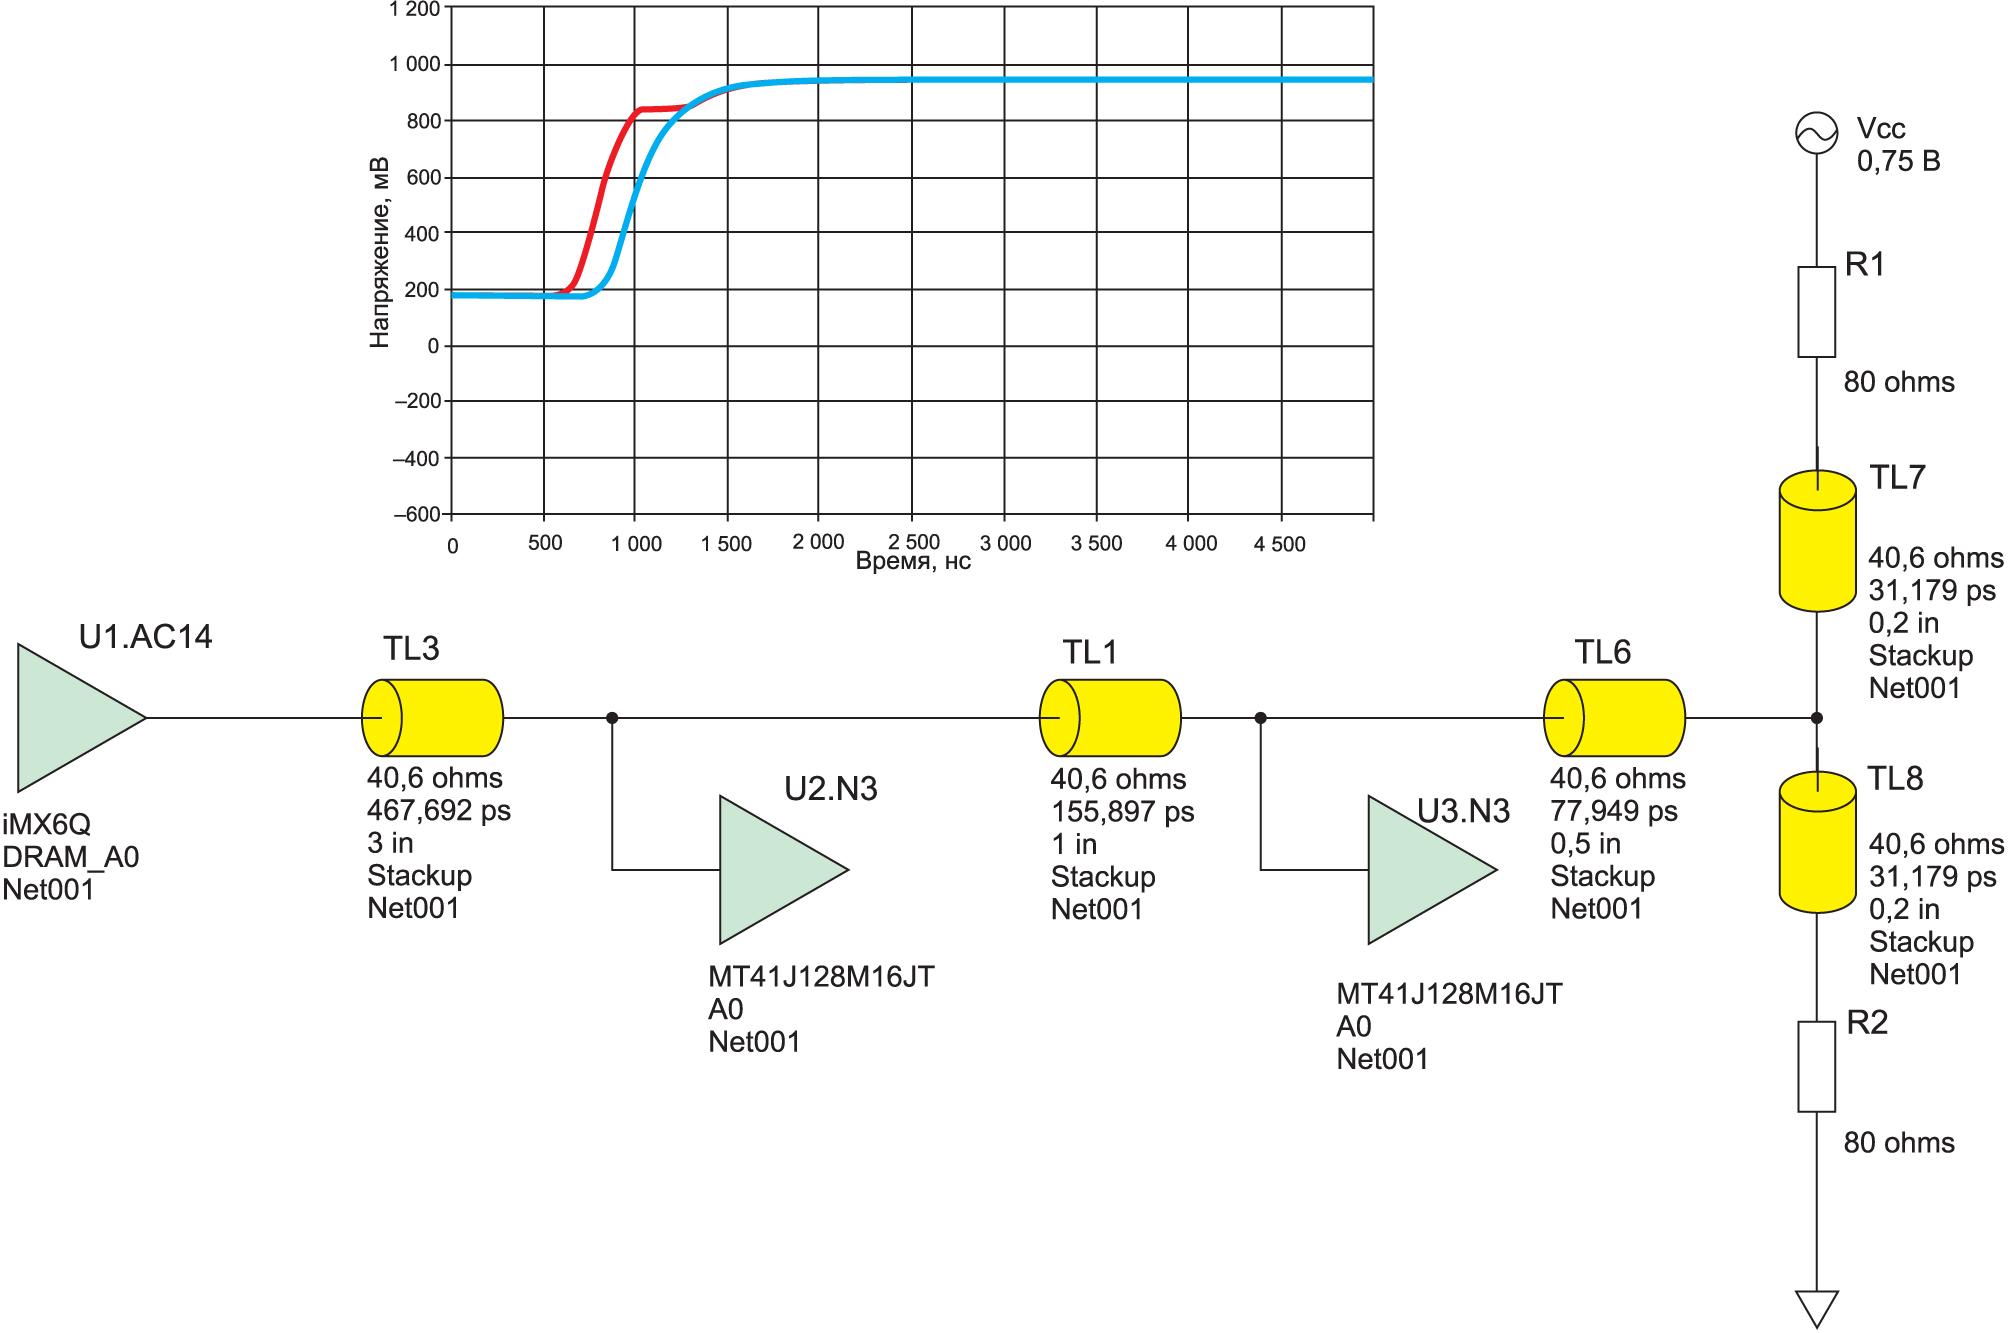 Сквозная топология DDR3 с согласованием за конечной нагрузкой (симуляция в HyperLynx)